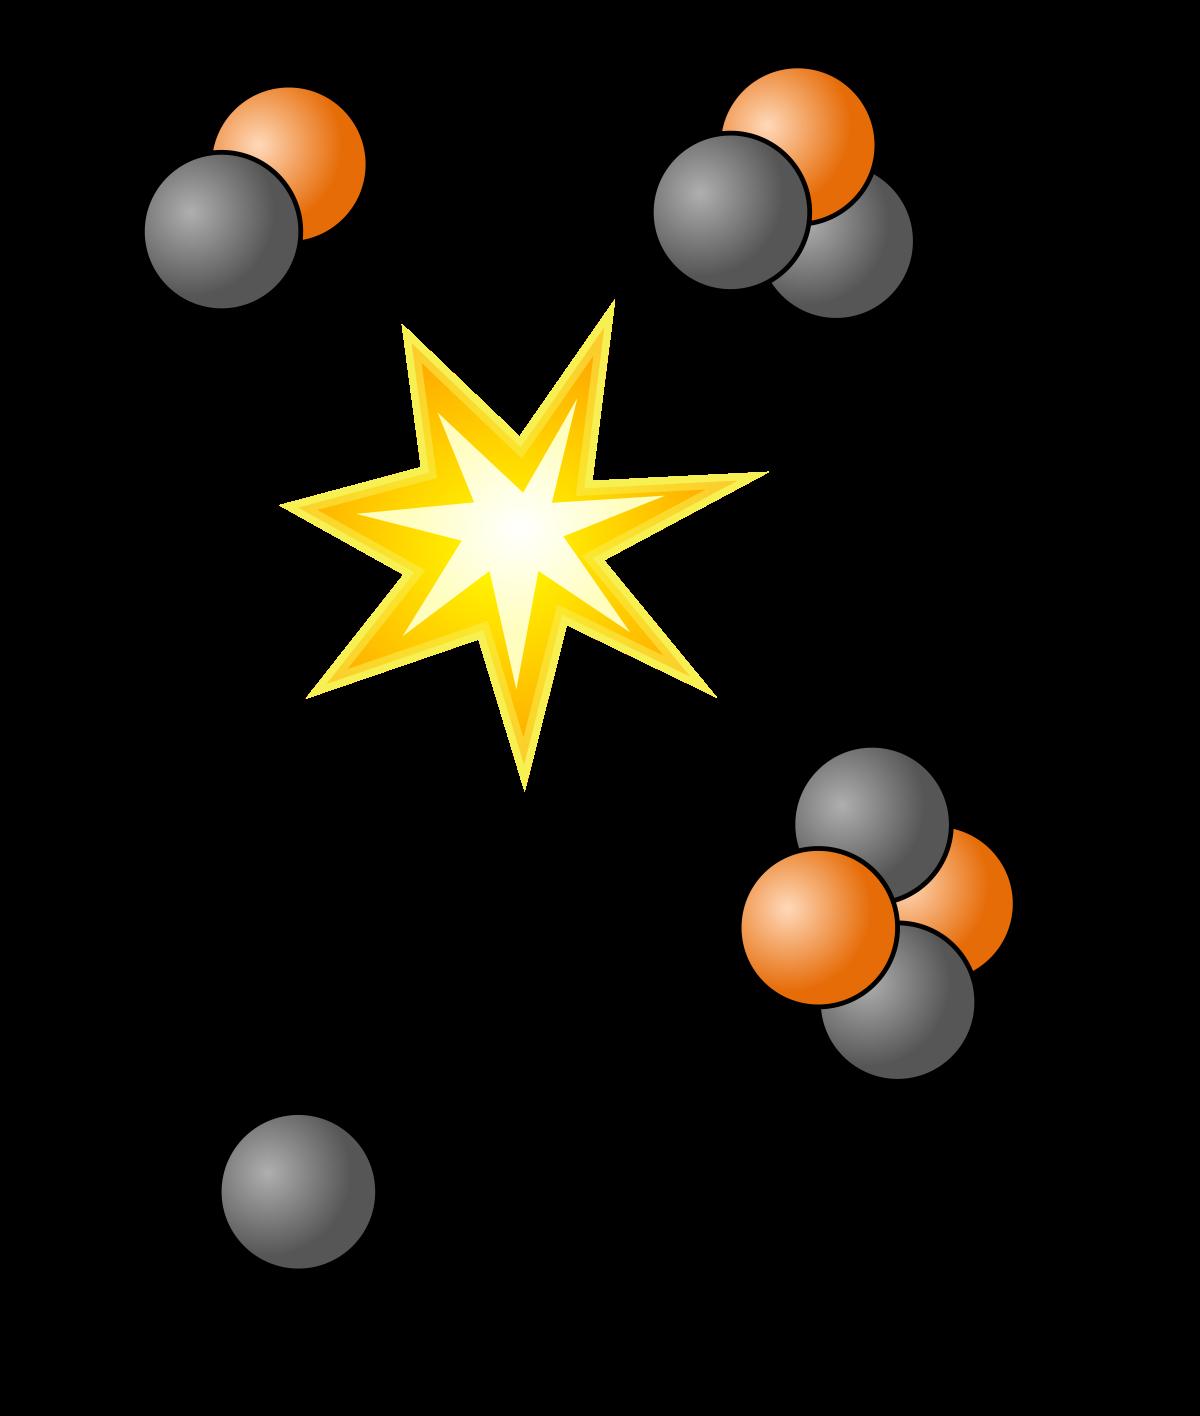 Термоядерный синтез — энергия будущего